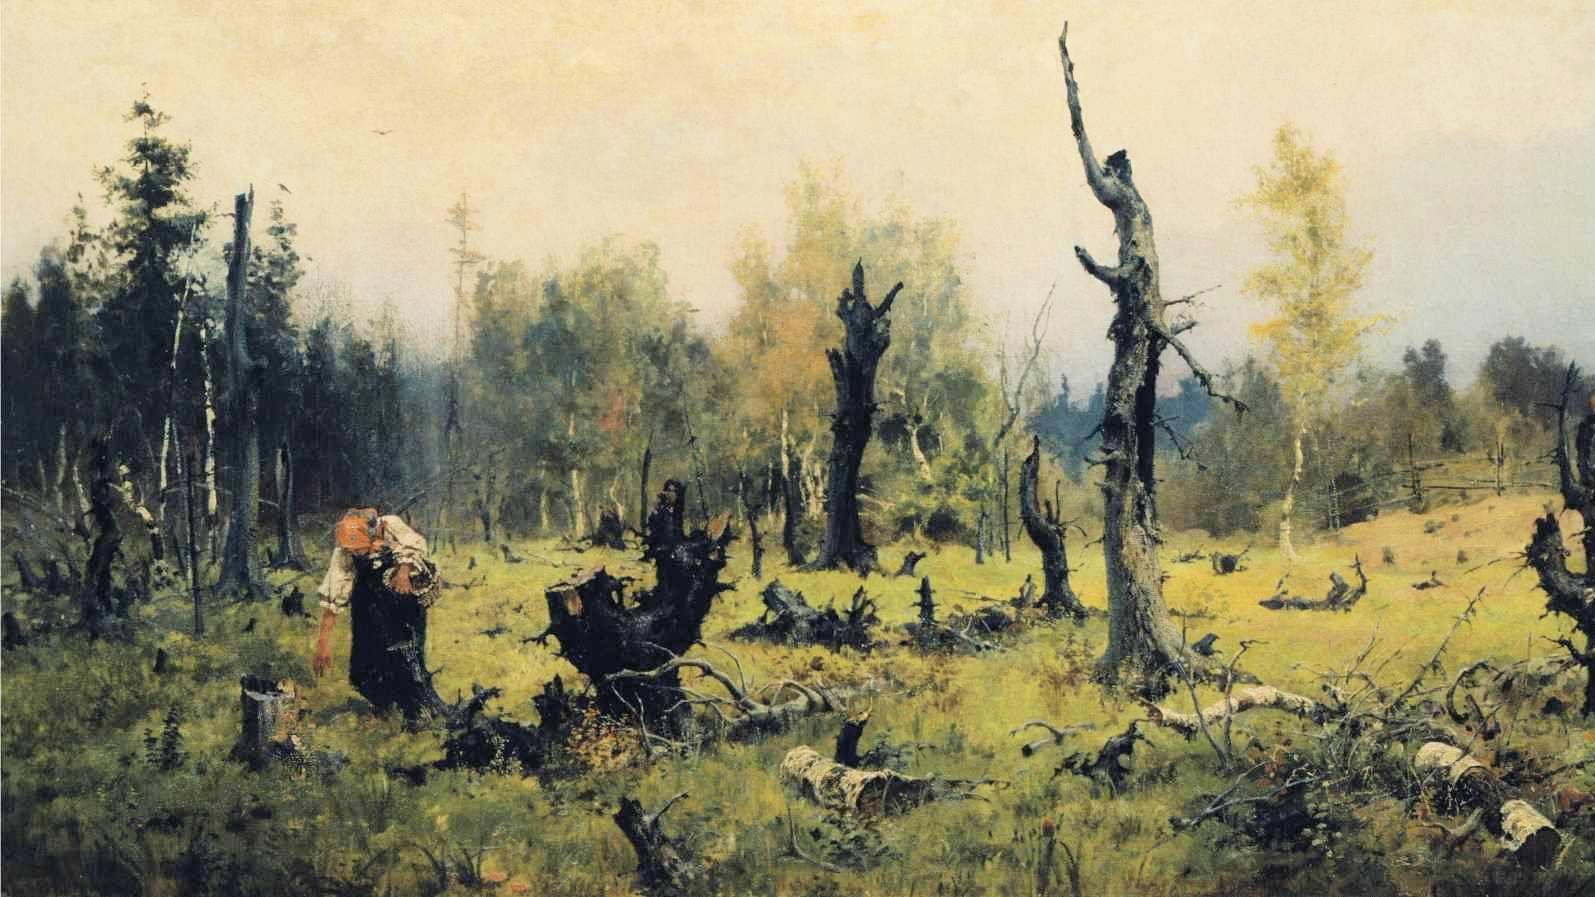 Василий Поленов. Горелый лес (фрагмент). 1881